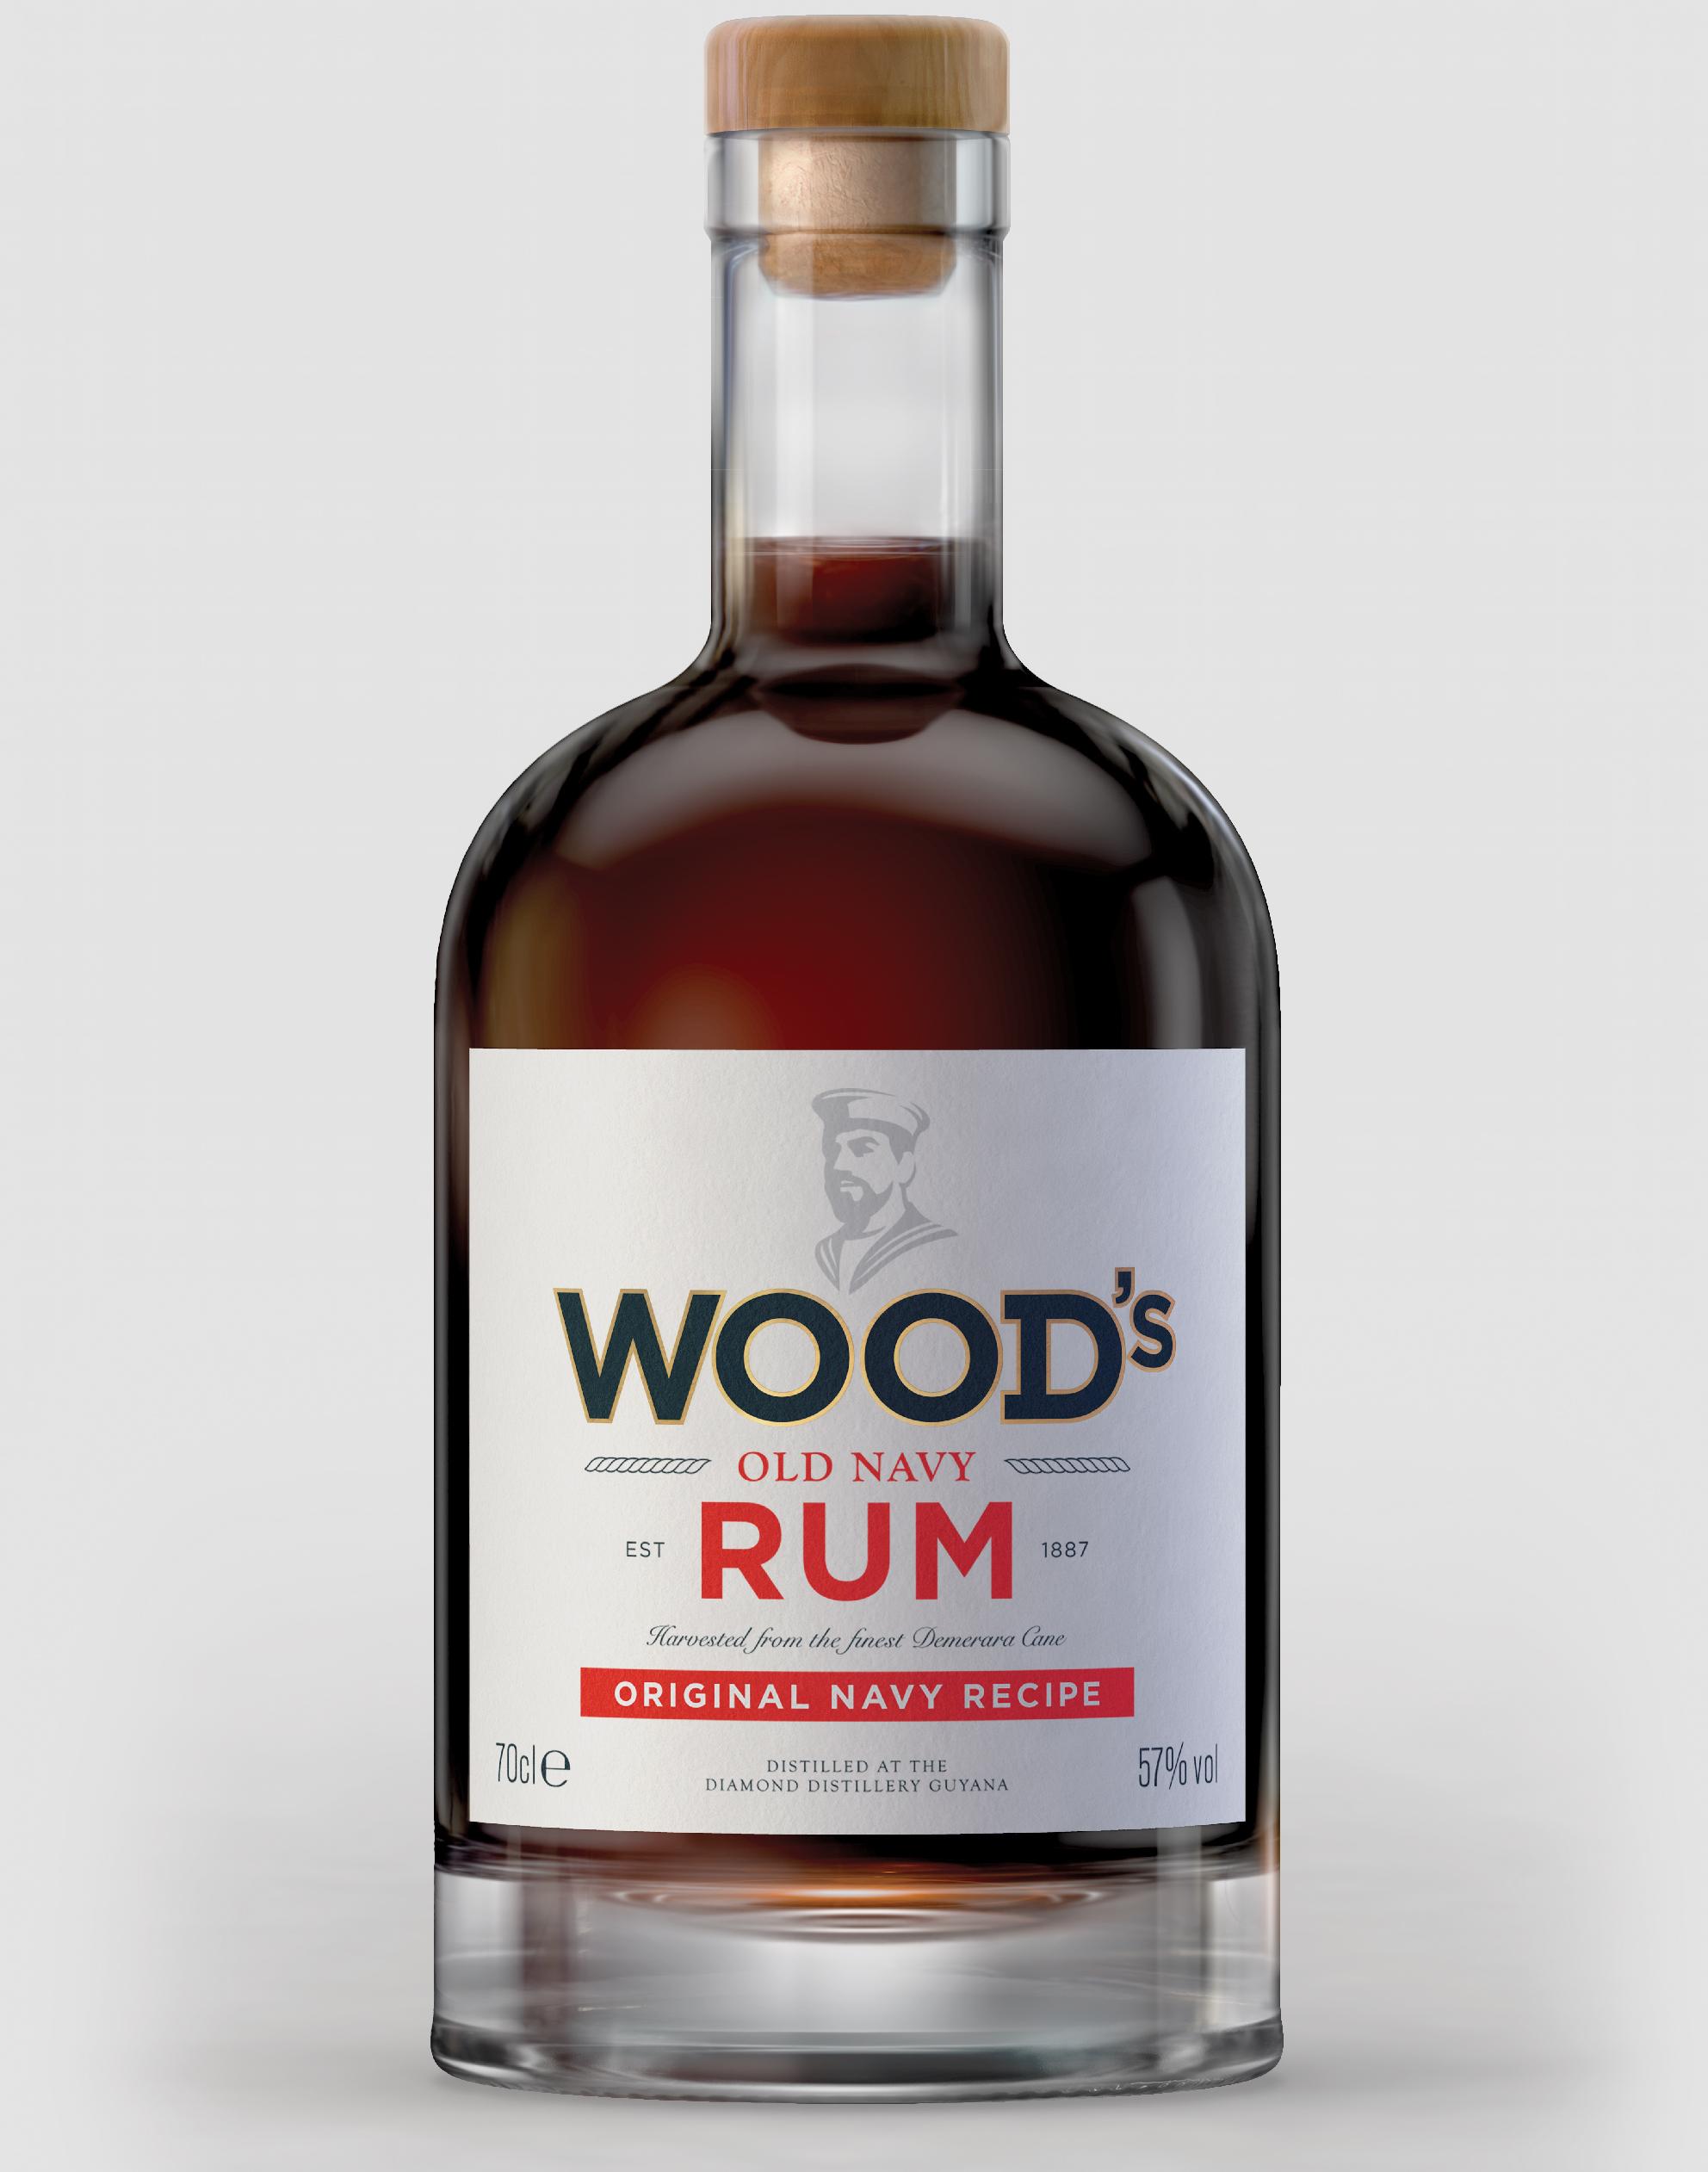 woods_new_bottle